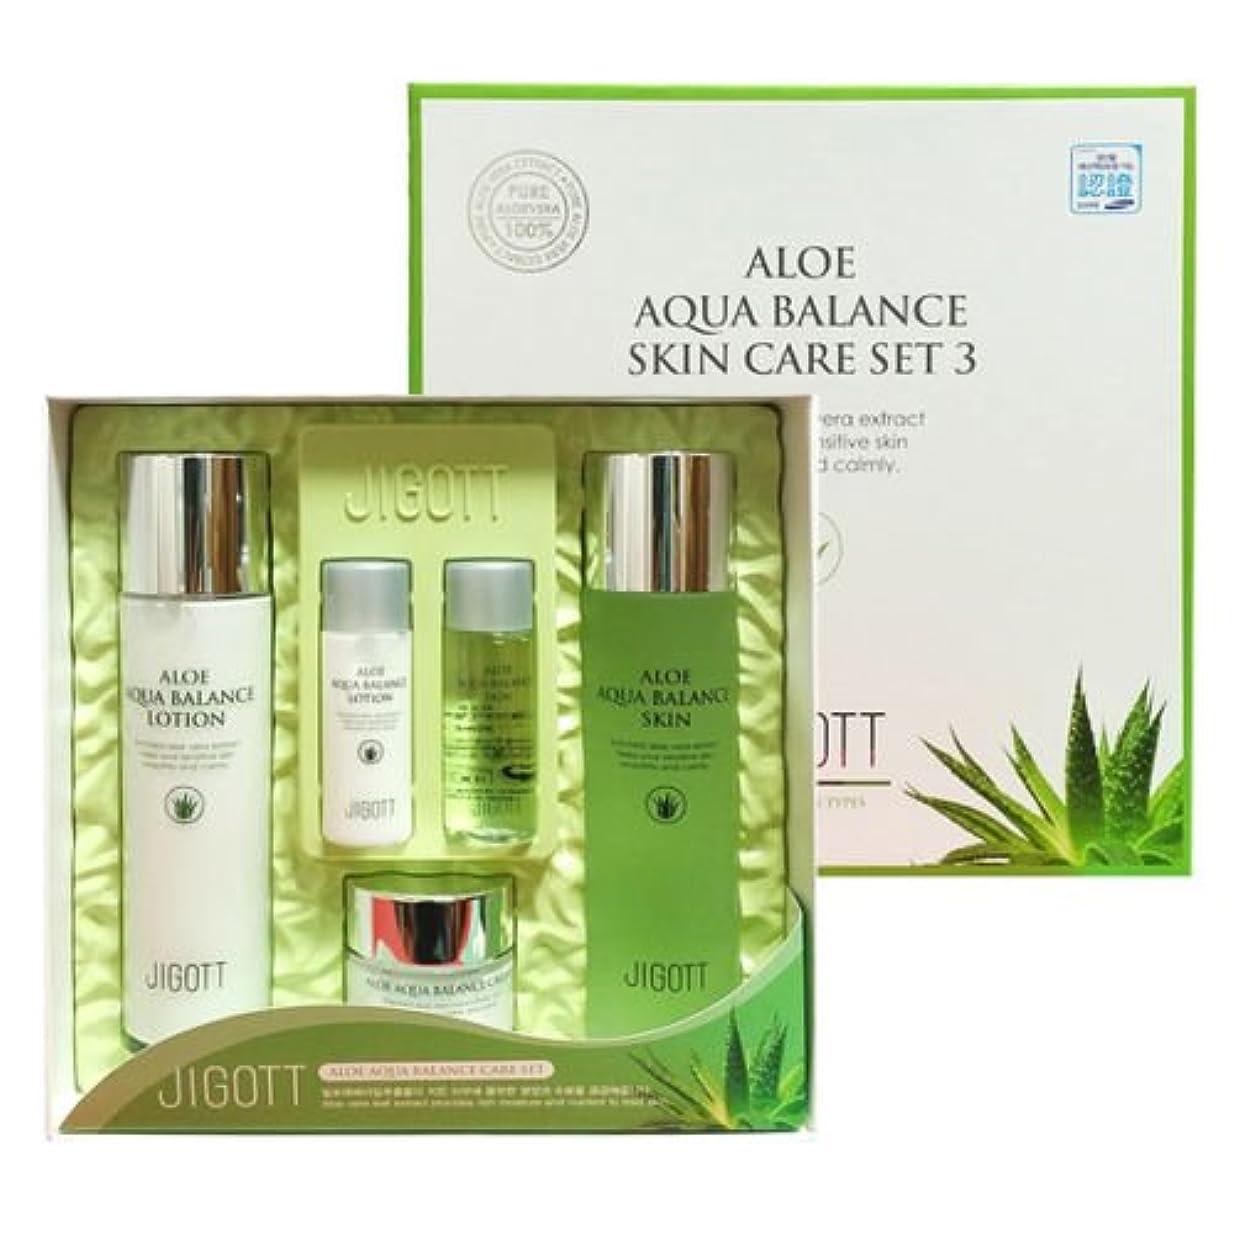 欠かせない絶縁するあらゆる種類のジゴトゥ[韓国コスメJigott]Aloe Aqua Balance Skin Care 3 Set アロエアクアバランススキンケア3セット樹液,乳液,クリーム [並行輸入品]